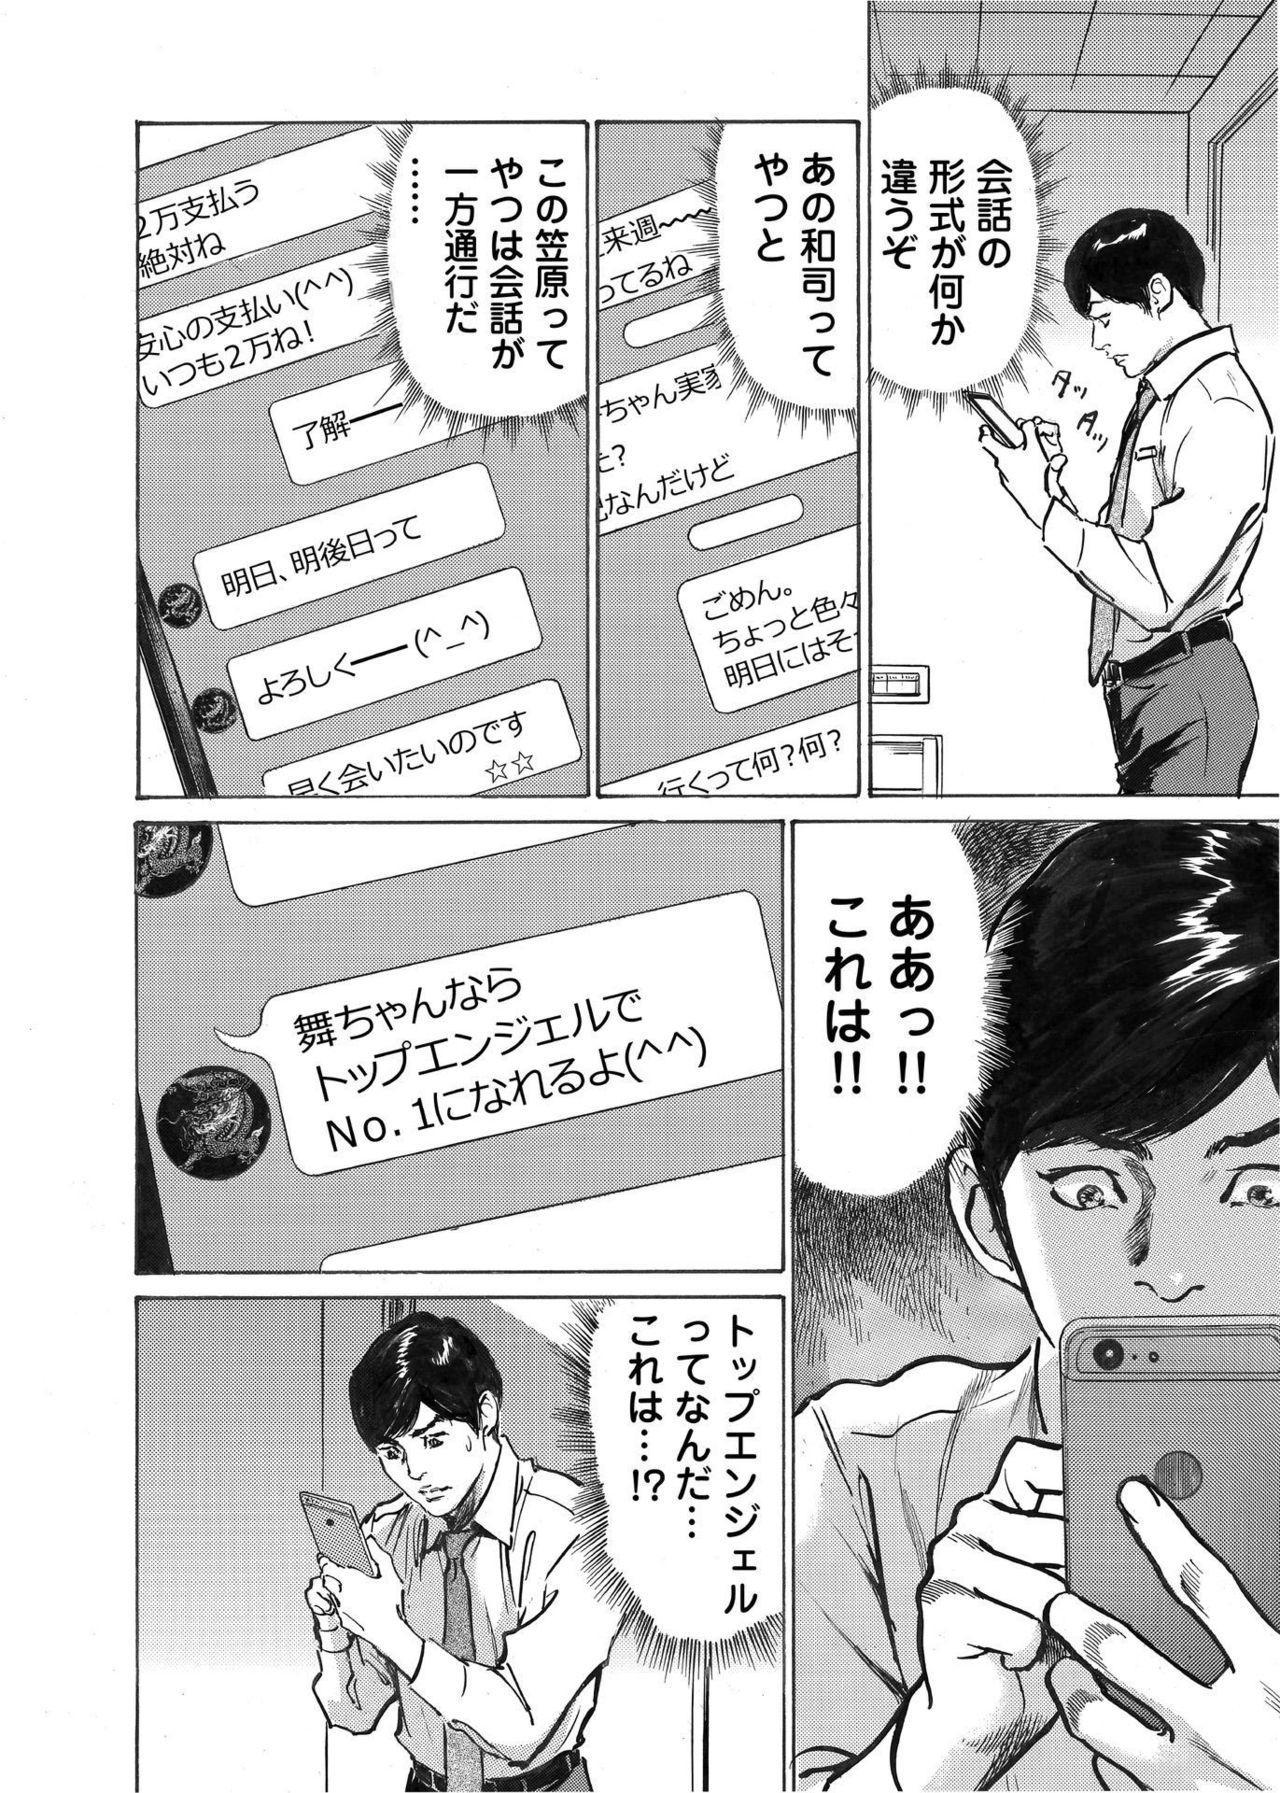 Ore wa Tsuma no Koto o Yoku Shiranai 1-9 98